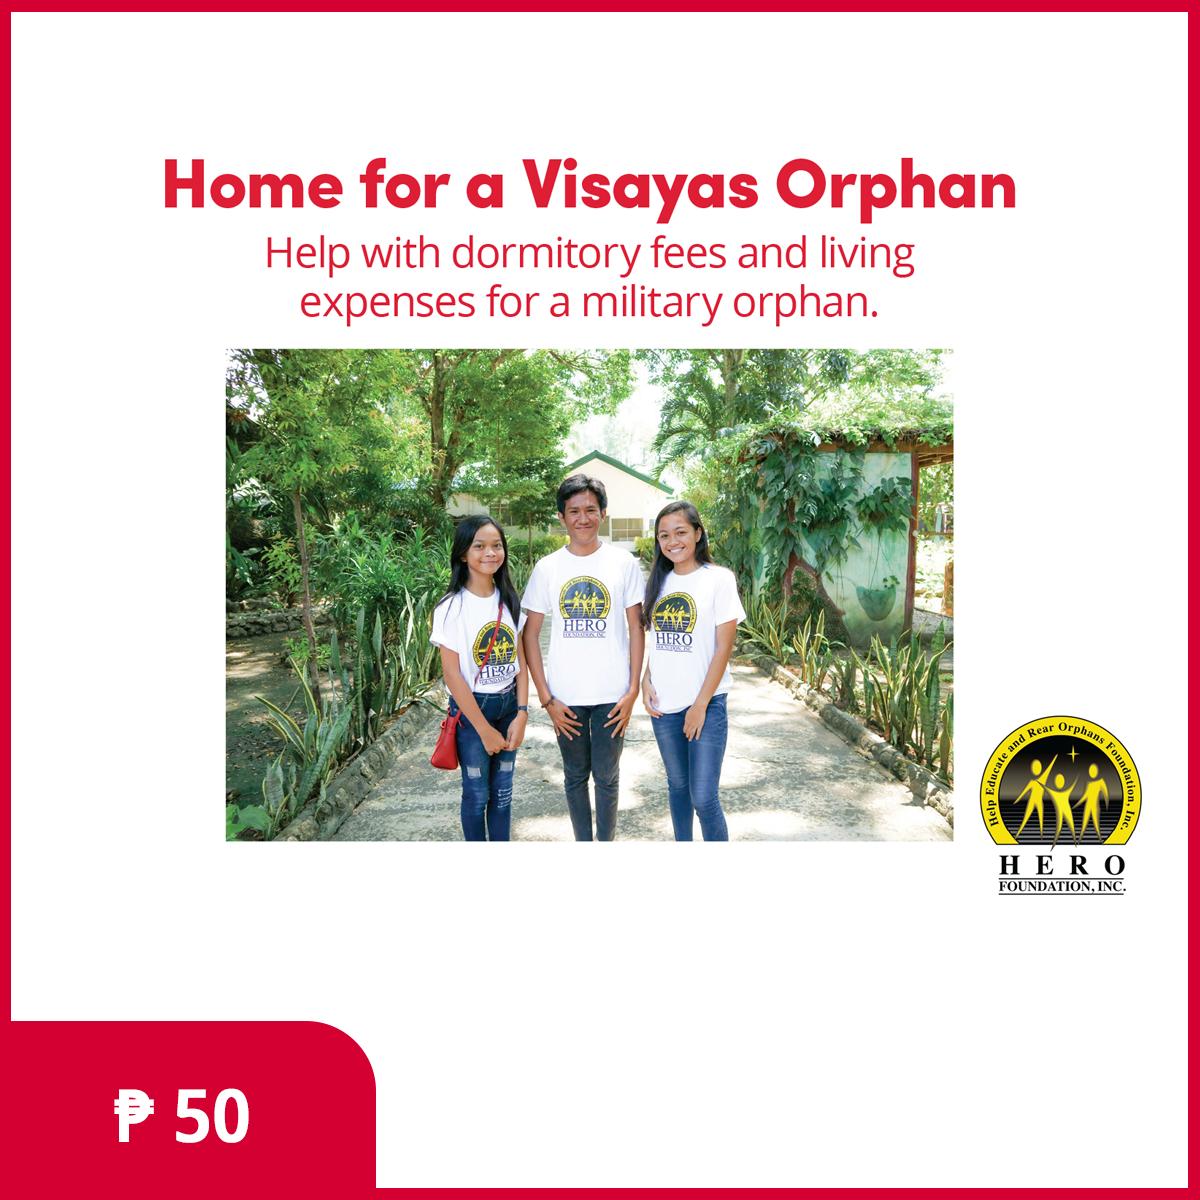 Home Visayas